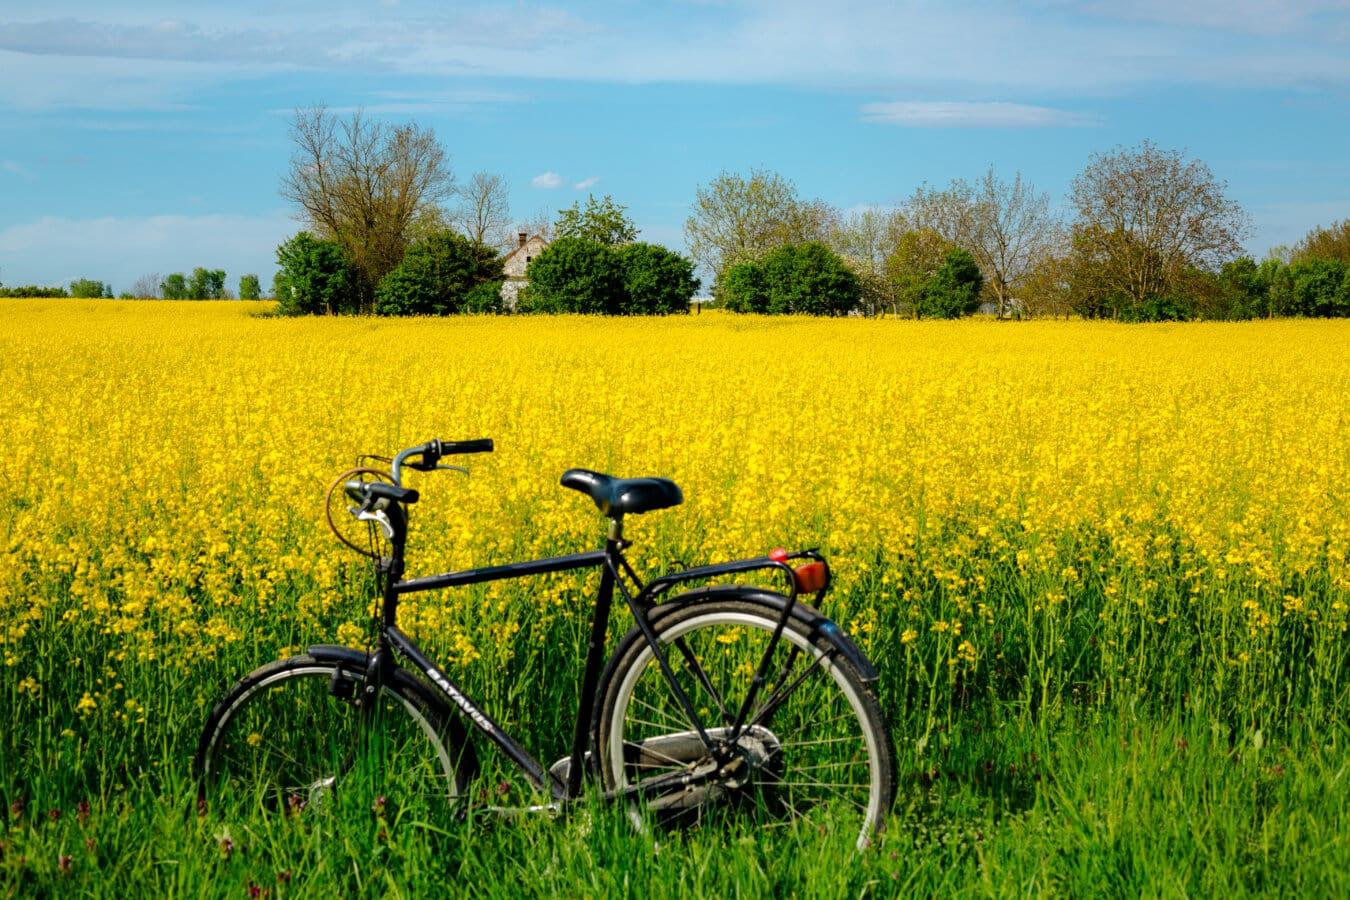 рапс, сельское хозяйство, поле, летнее время, велосипедов, сельскохозяйственные угодья, ферма, Сельский дом, сельской местности, пейзаж